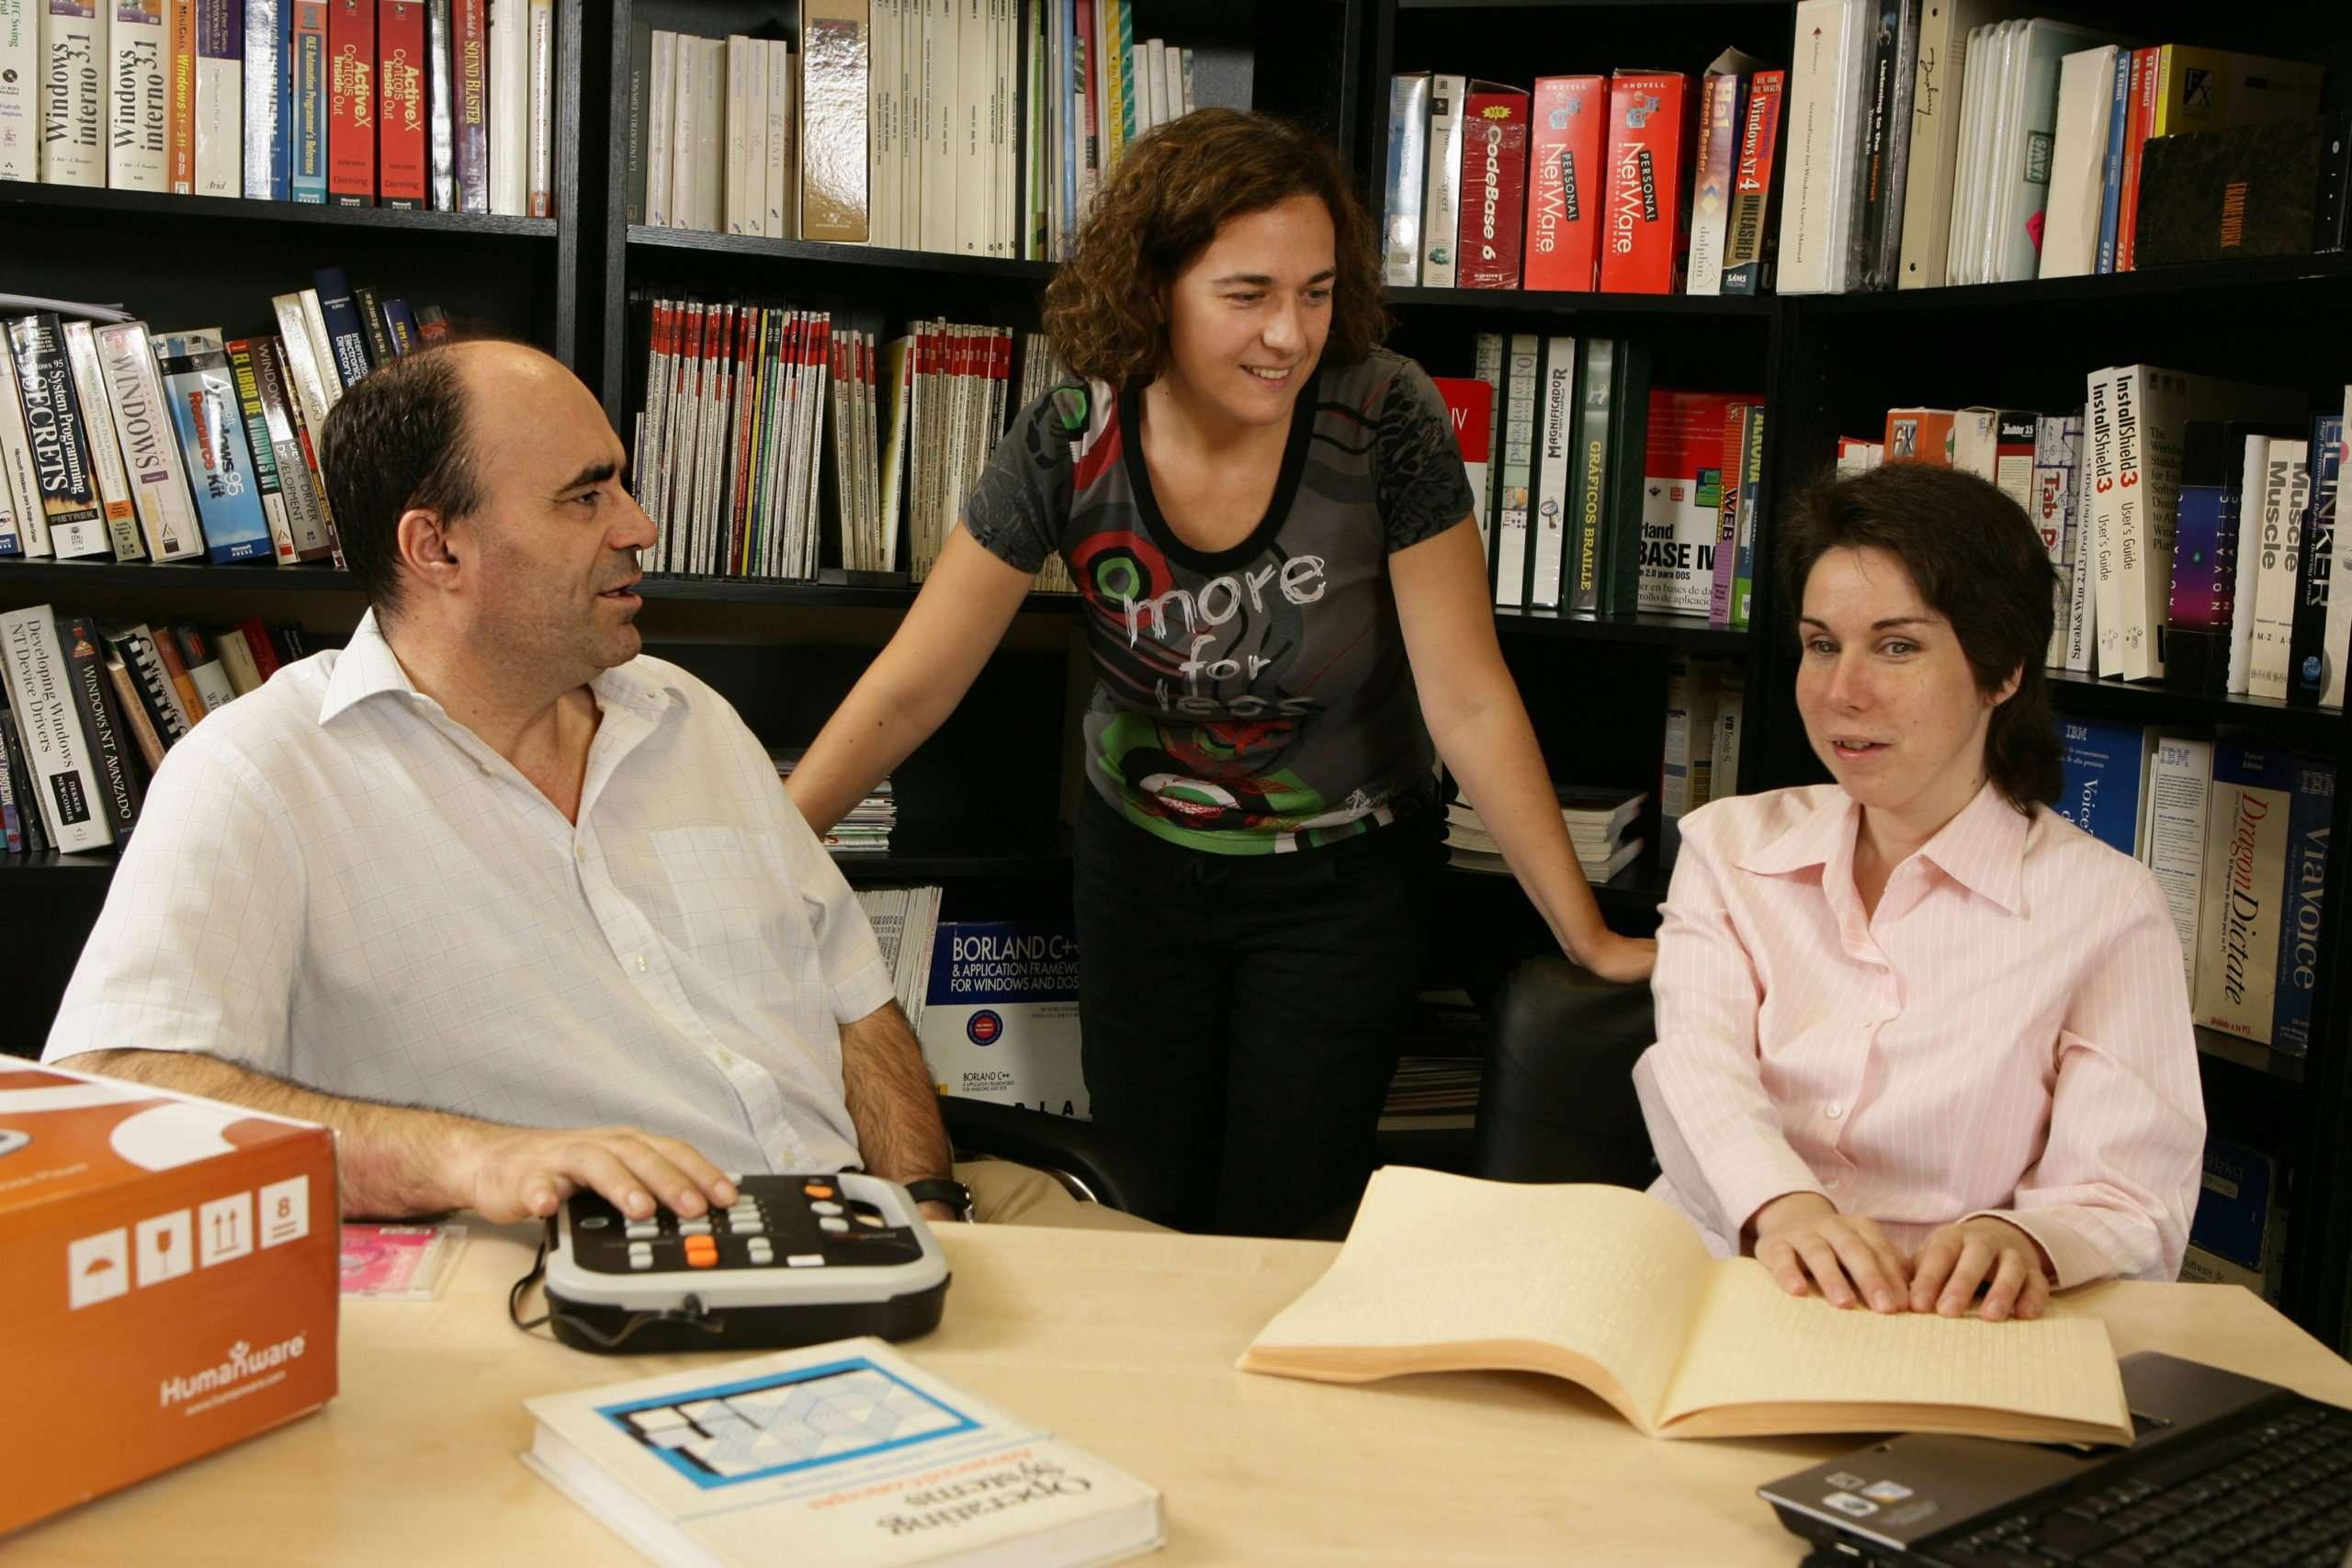 España pone a disposición de todos los ciegos del mundo un fondo documental en braille